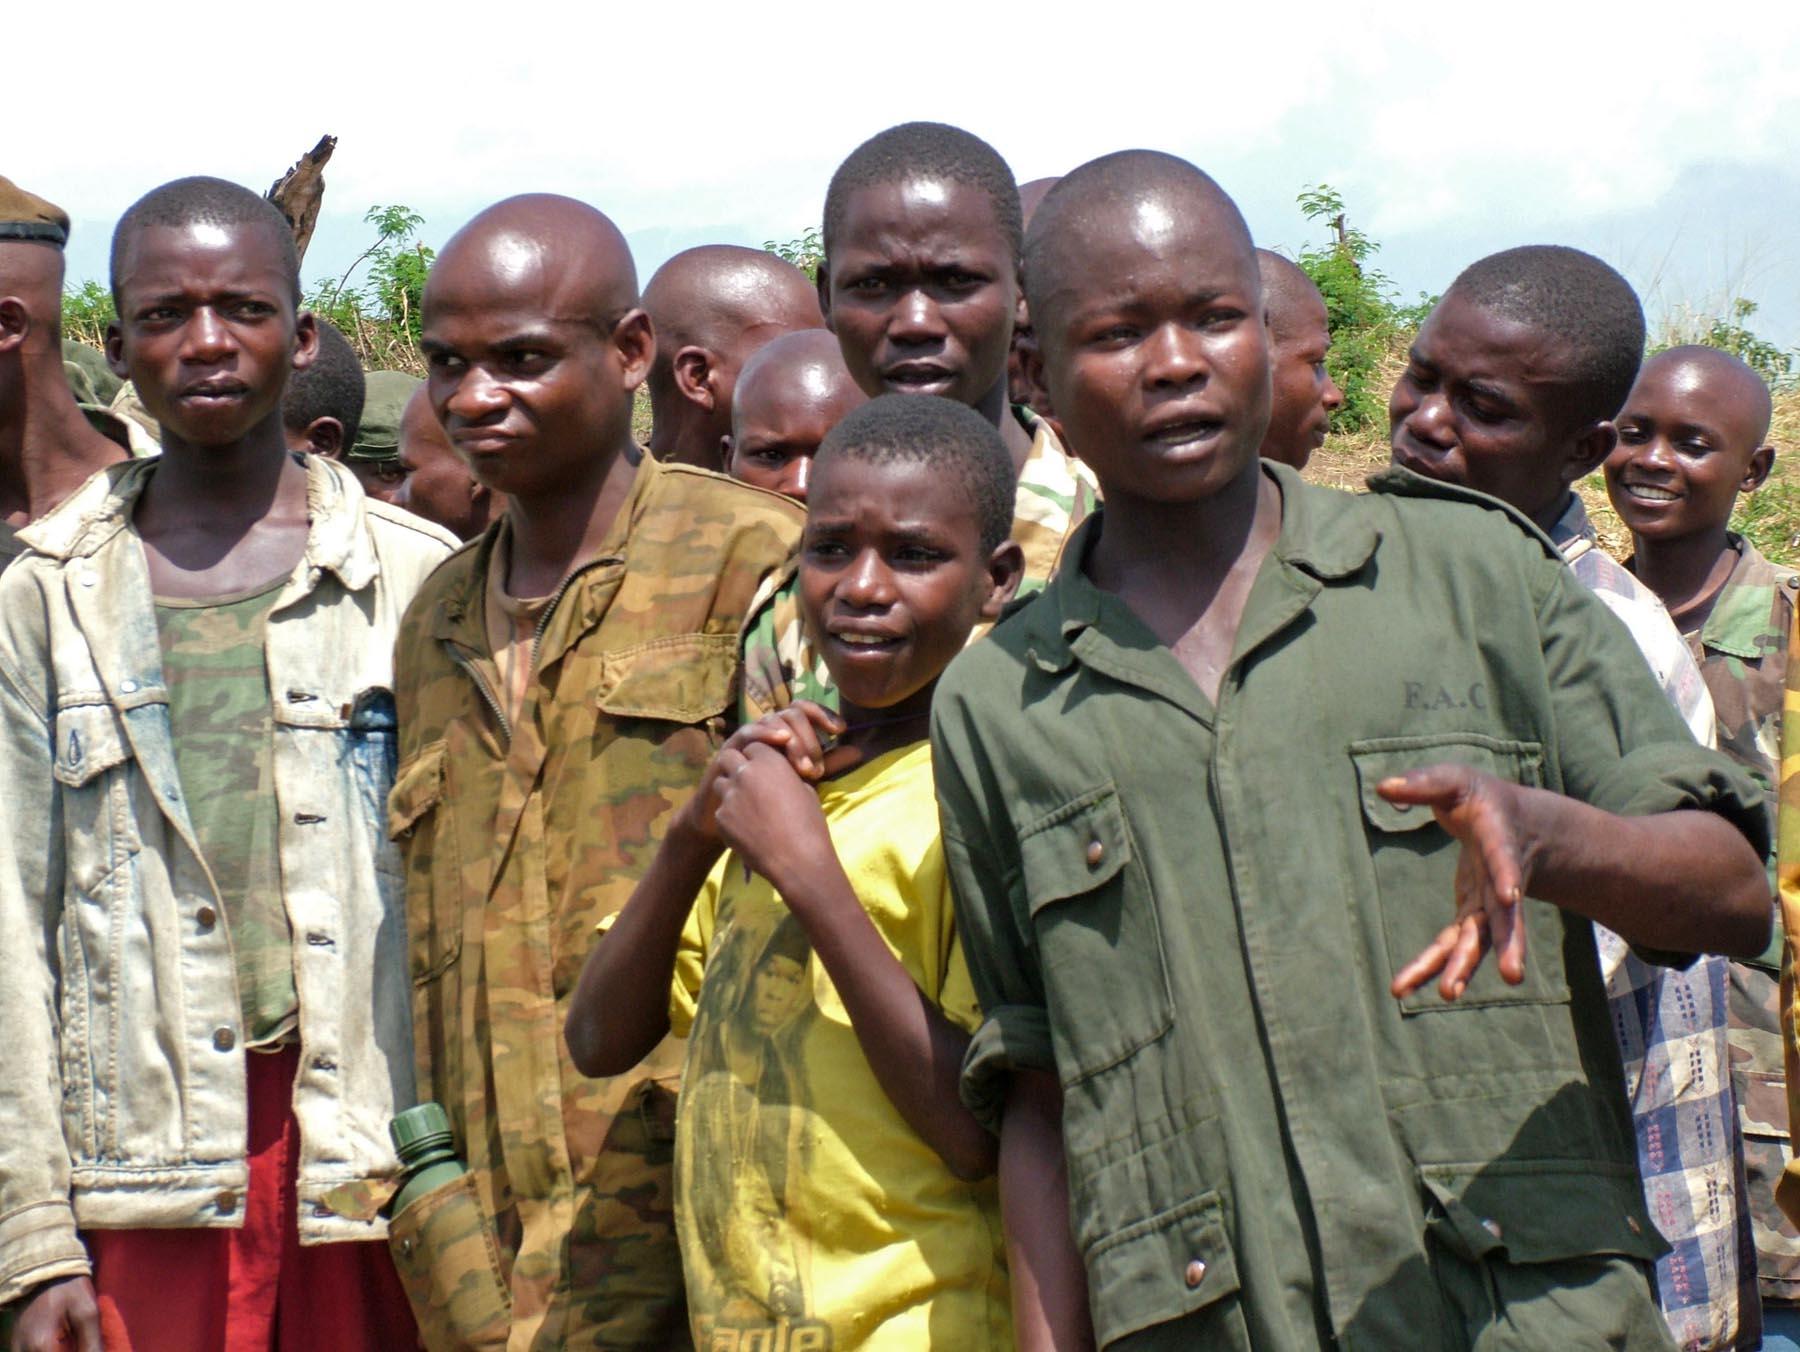 El reclutamiento y la utilización de menores en el marco de los conflictos armados en África